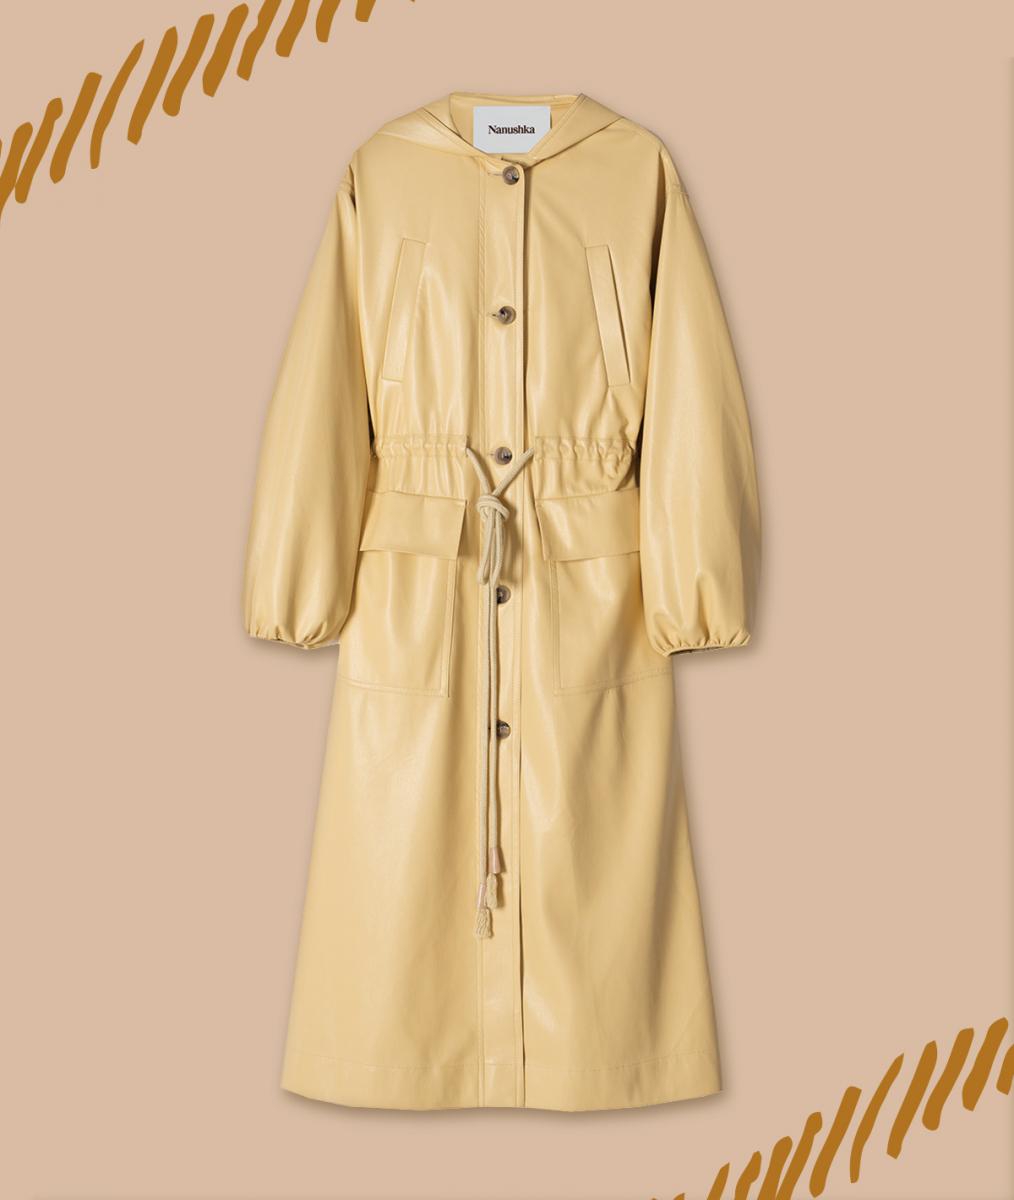 ヴィーガンレザーのコートで旬のモードを満喫【ナヌーシュカ】